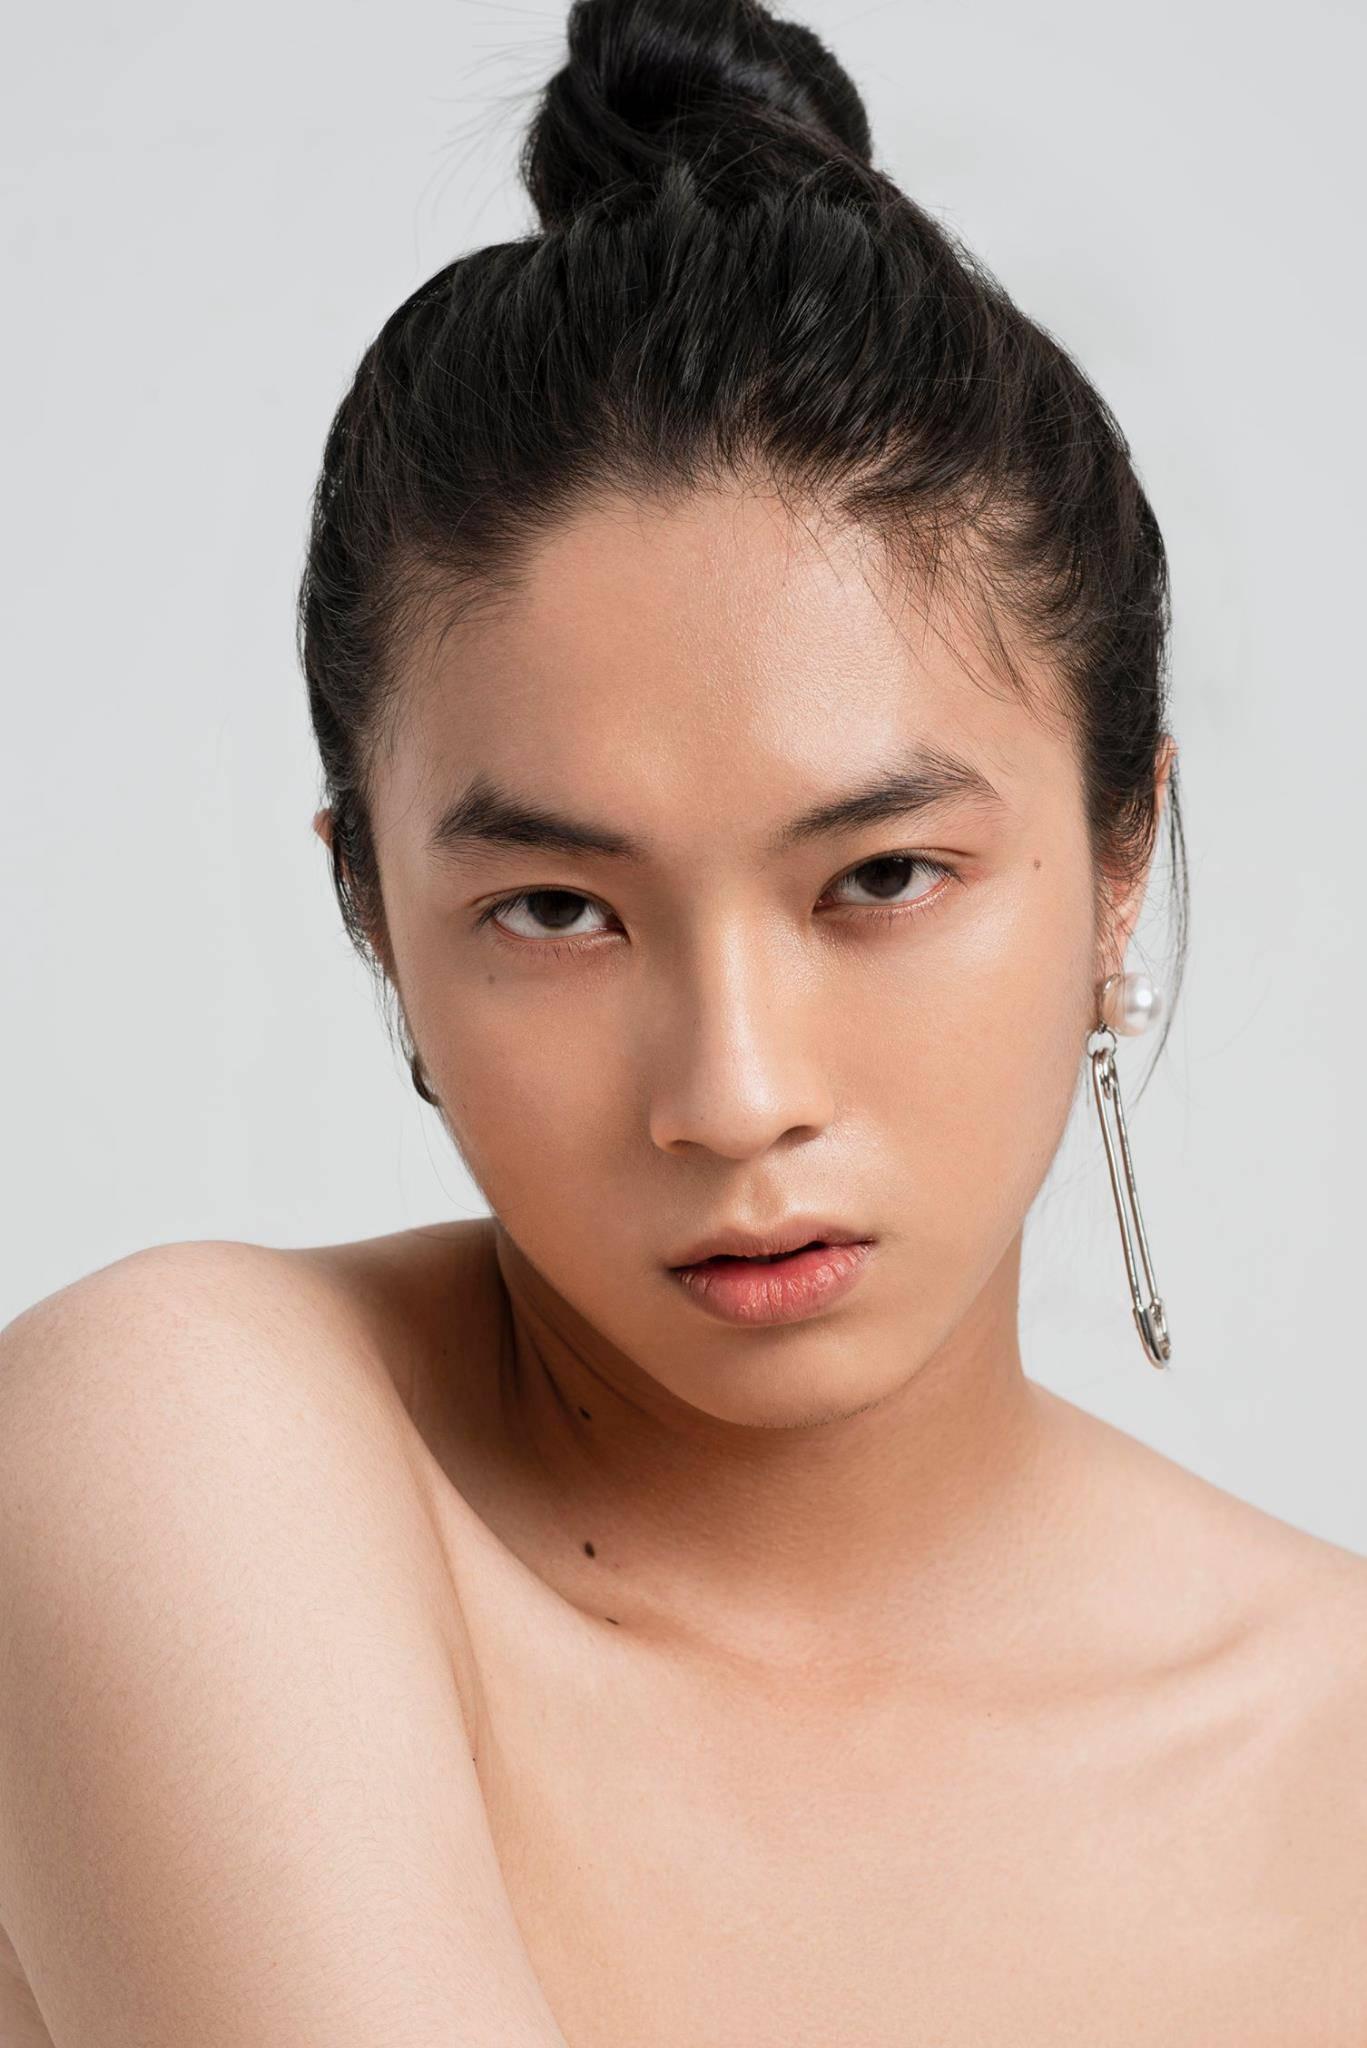 amp;#34;Thần tiên tỷ tỷamp;#34; sàn diễn xuất hiện tại Hoa hậu chuyển giới Việt Nam 2020 - 7